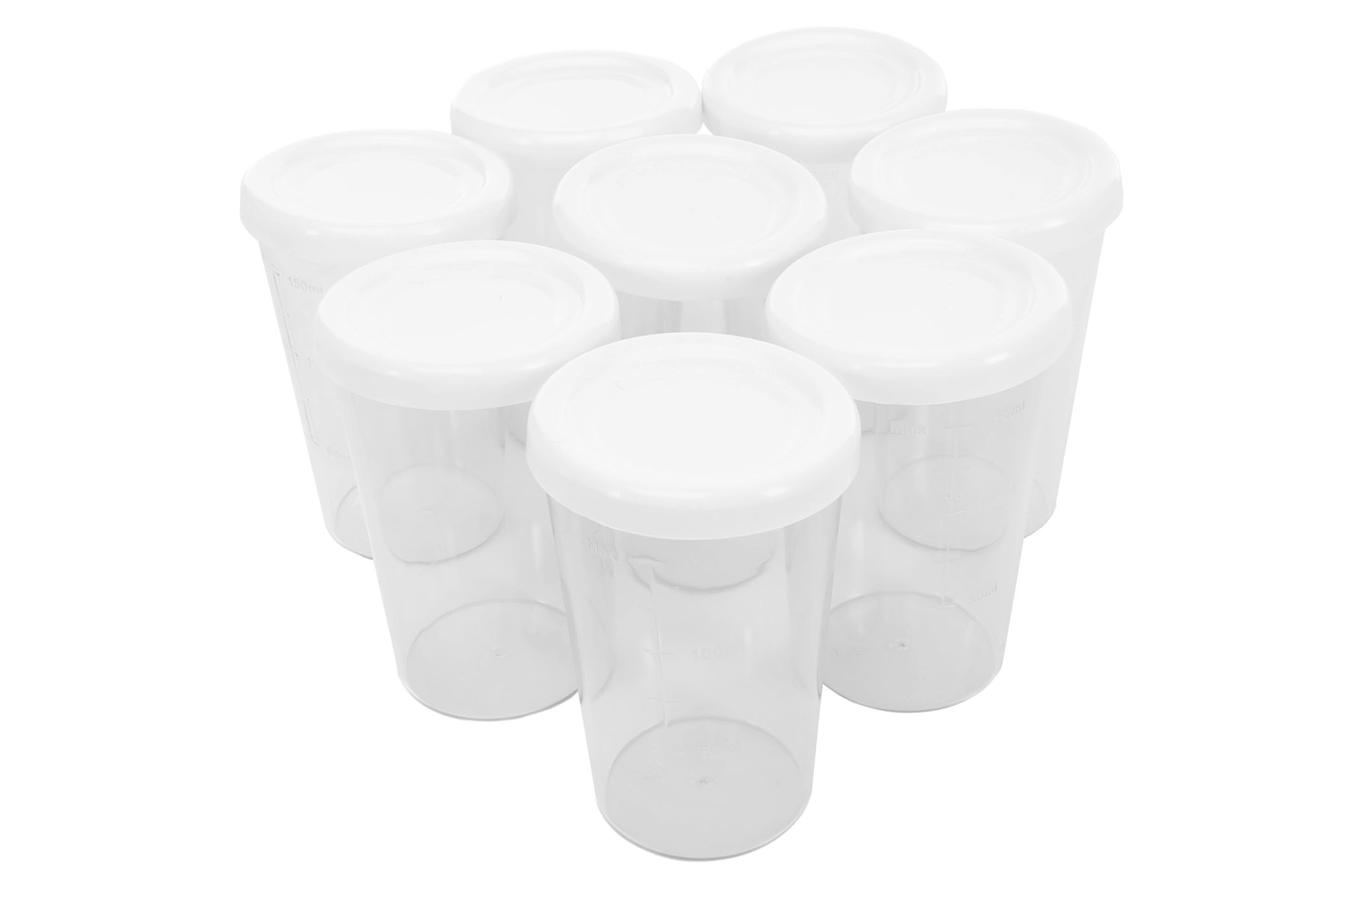 pot pour yaourti re orva pots plastique x8 1234412 darty. Black Bedroom Furniture Sets. Home Design Ideas